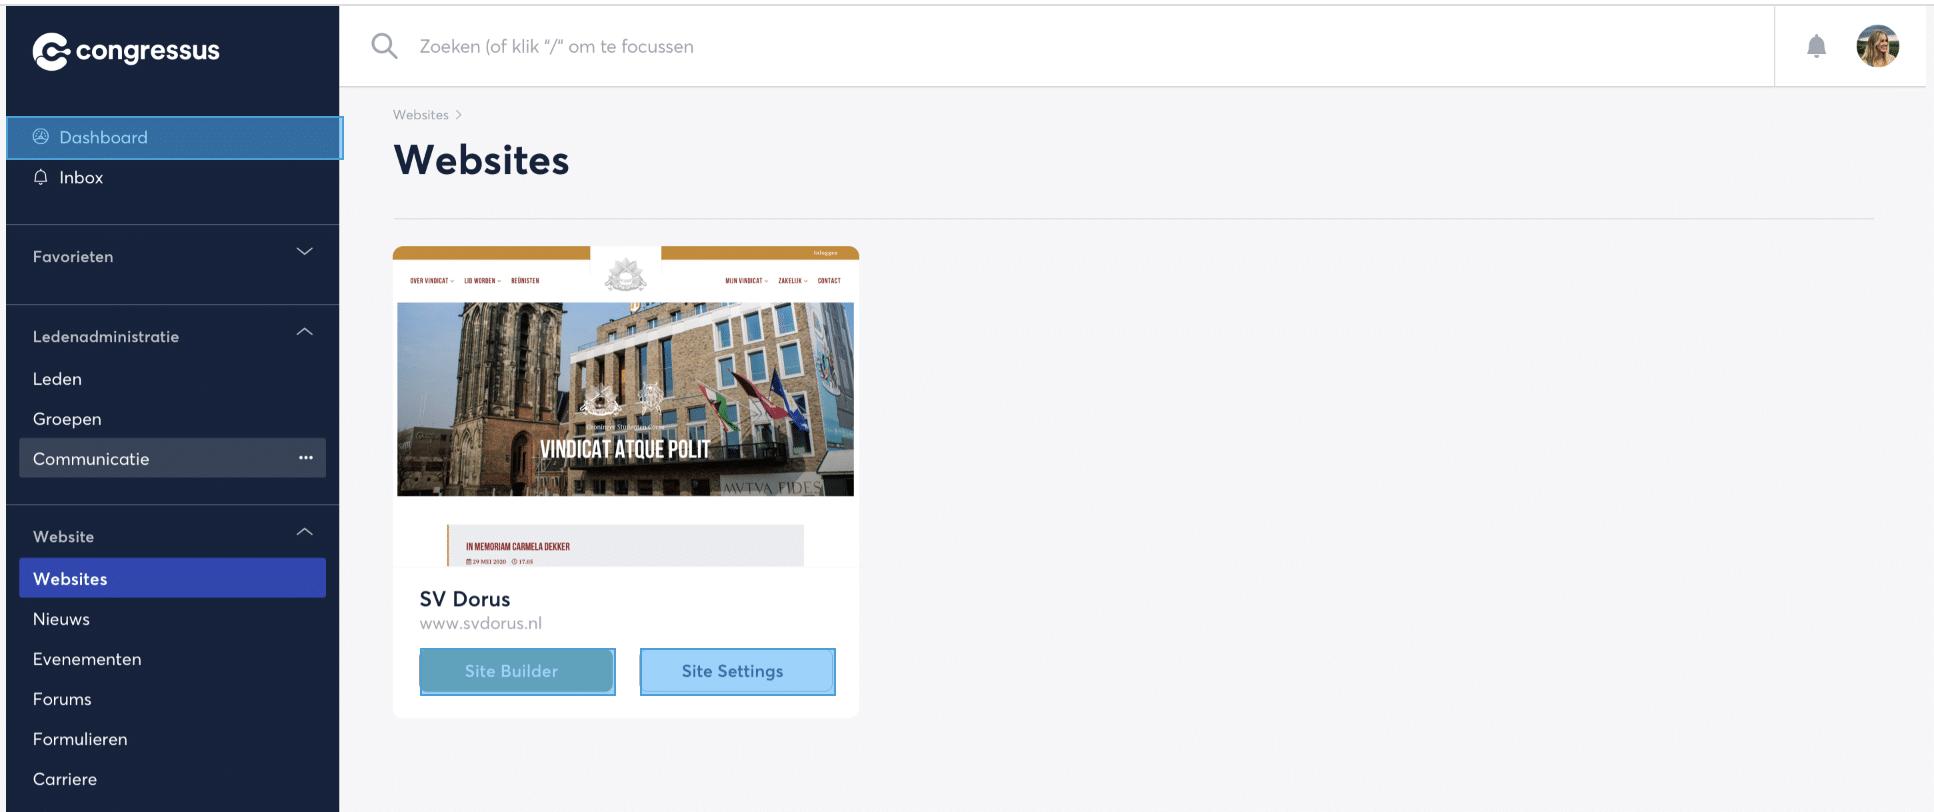 website vereniging congressus